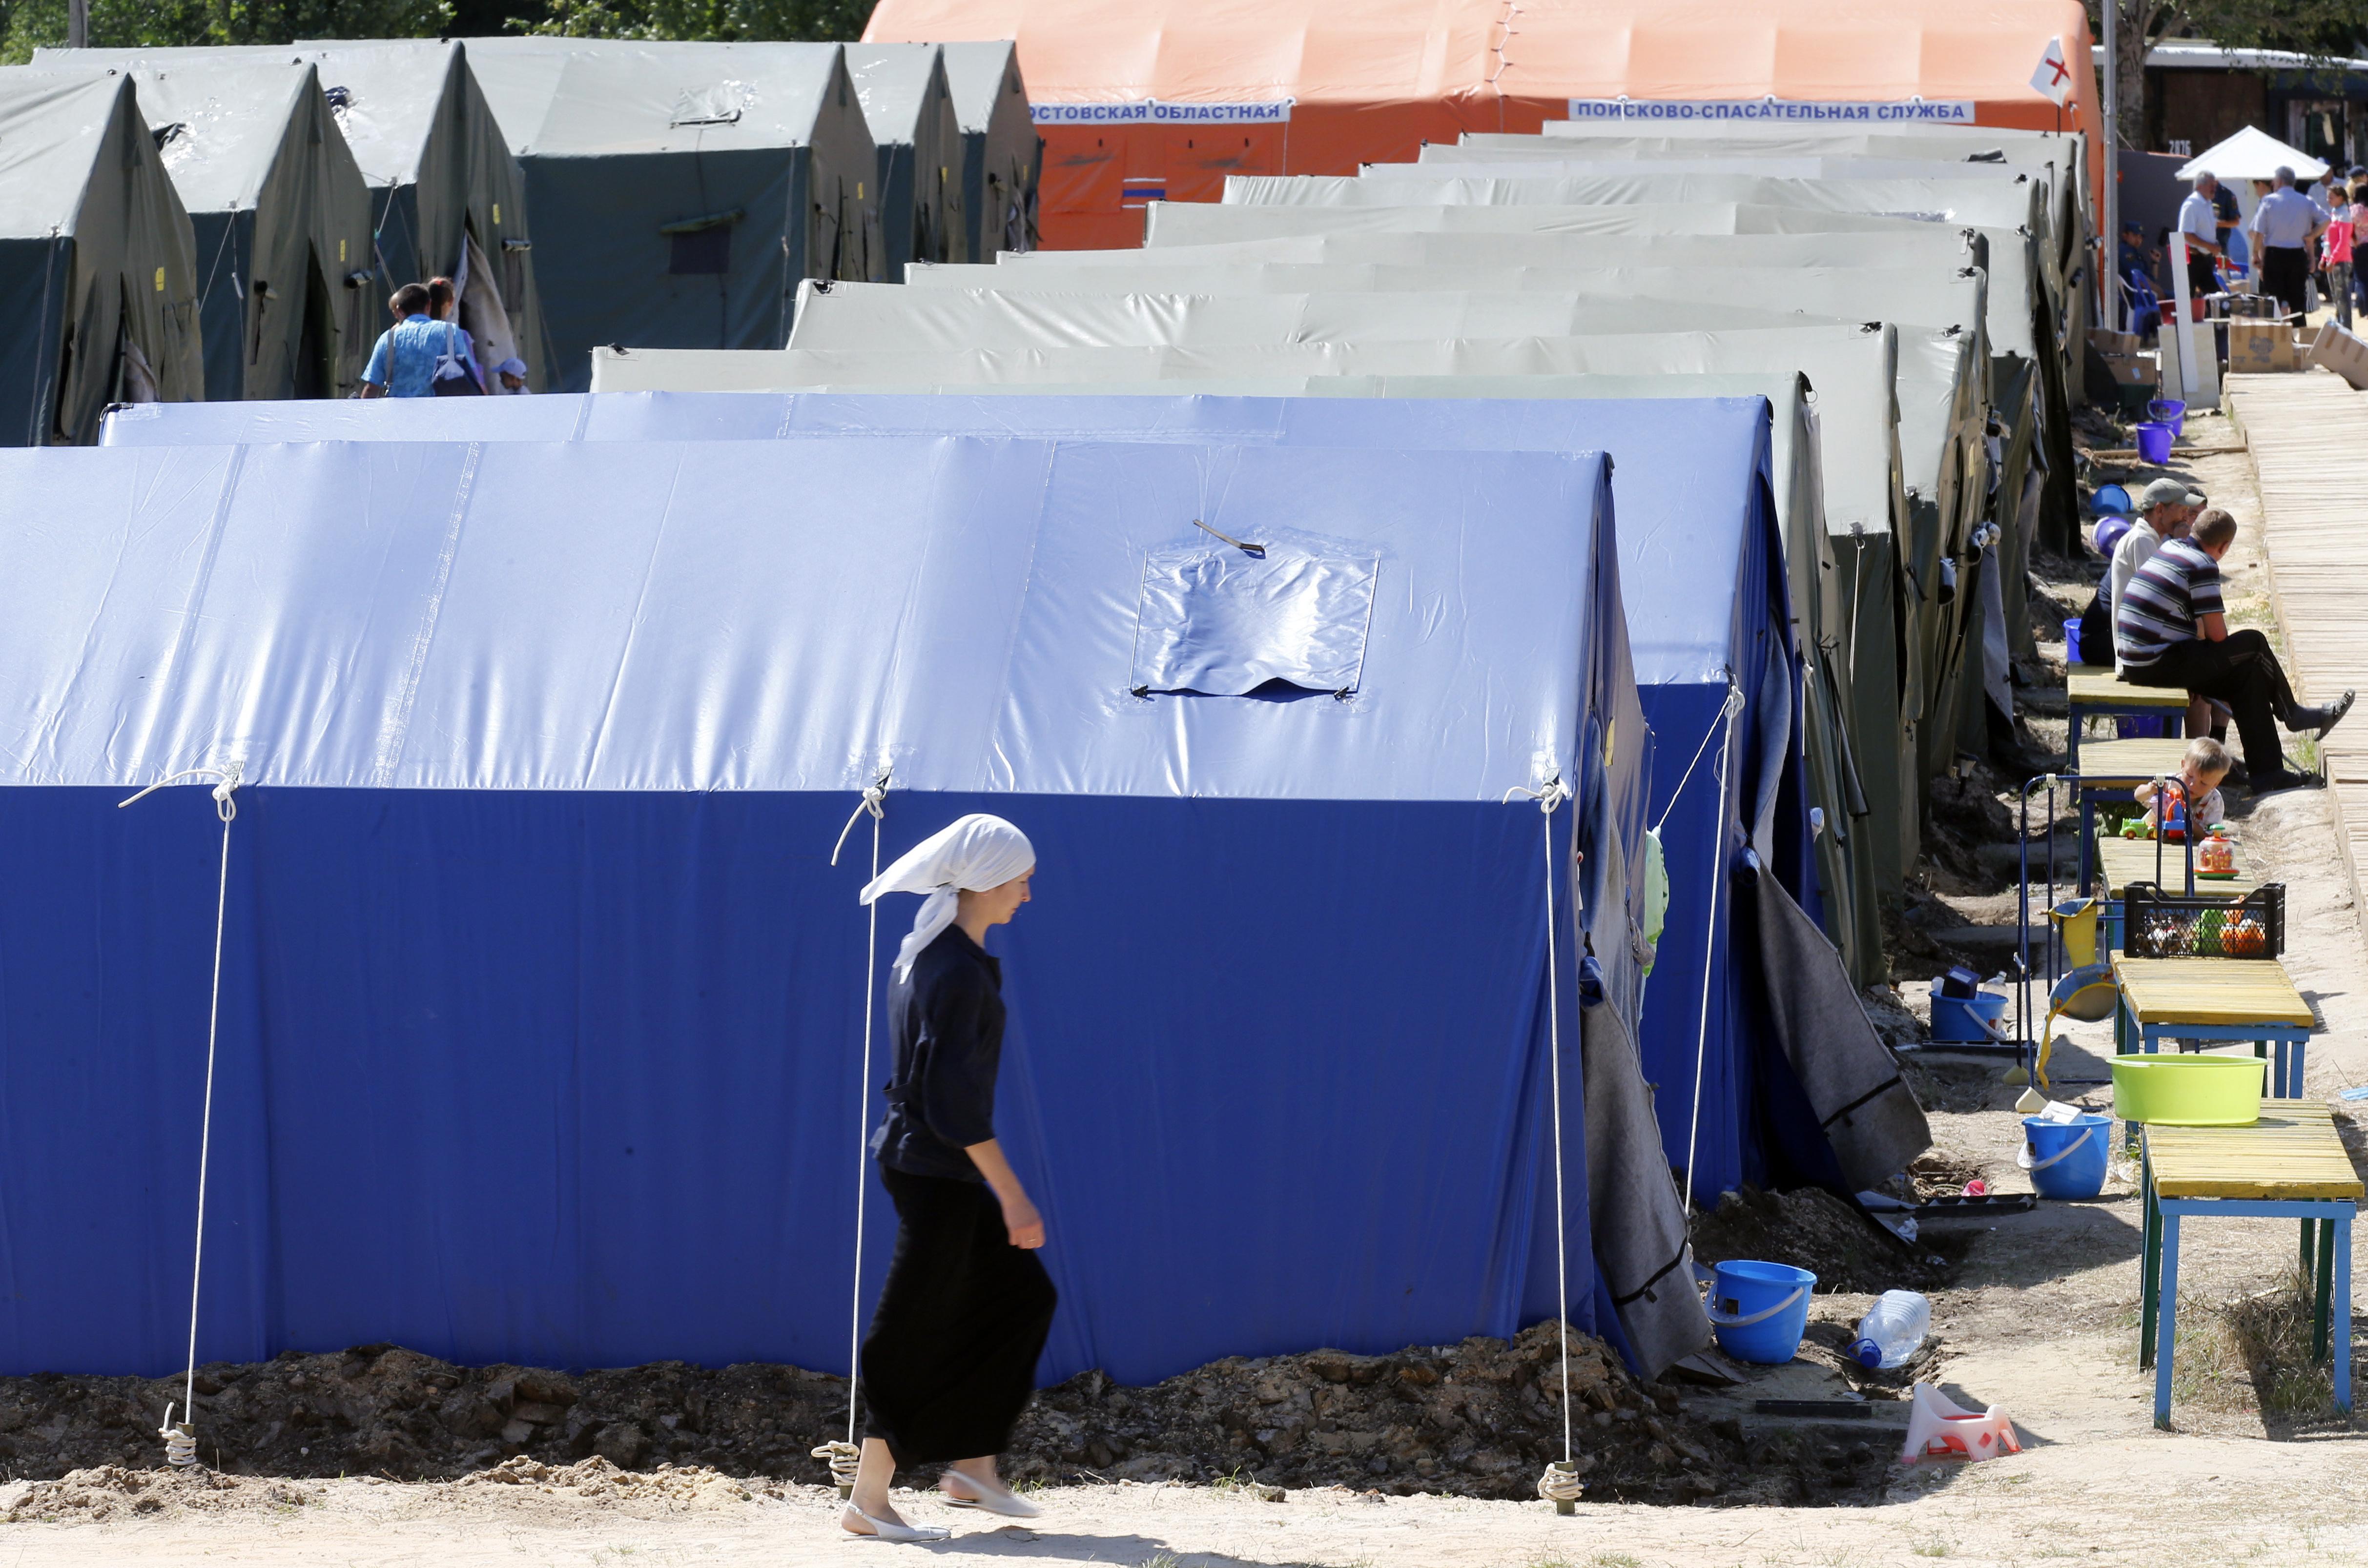 Палаточный лагерь для украинских беженцев в Донецке Ростовской области